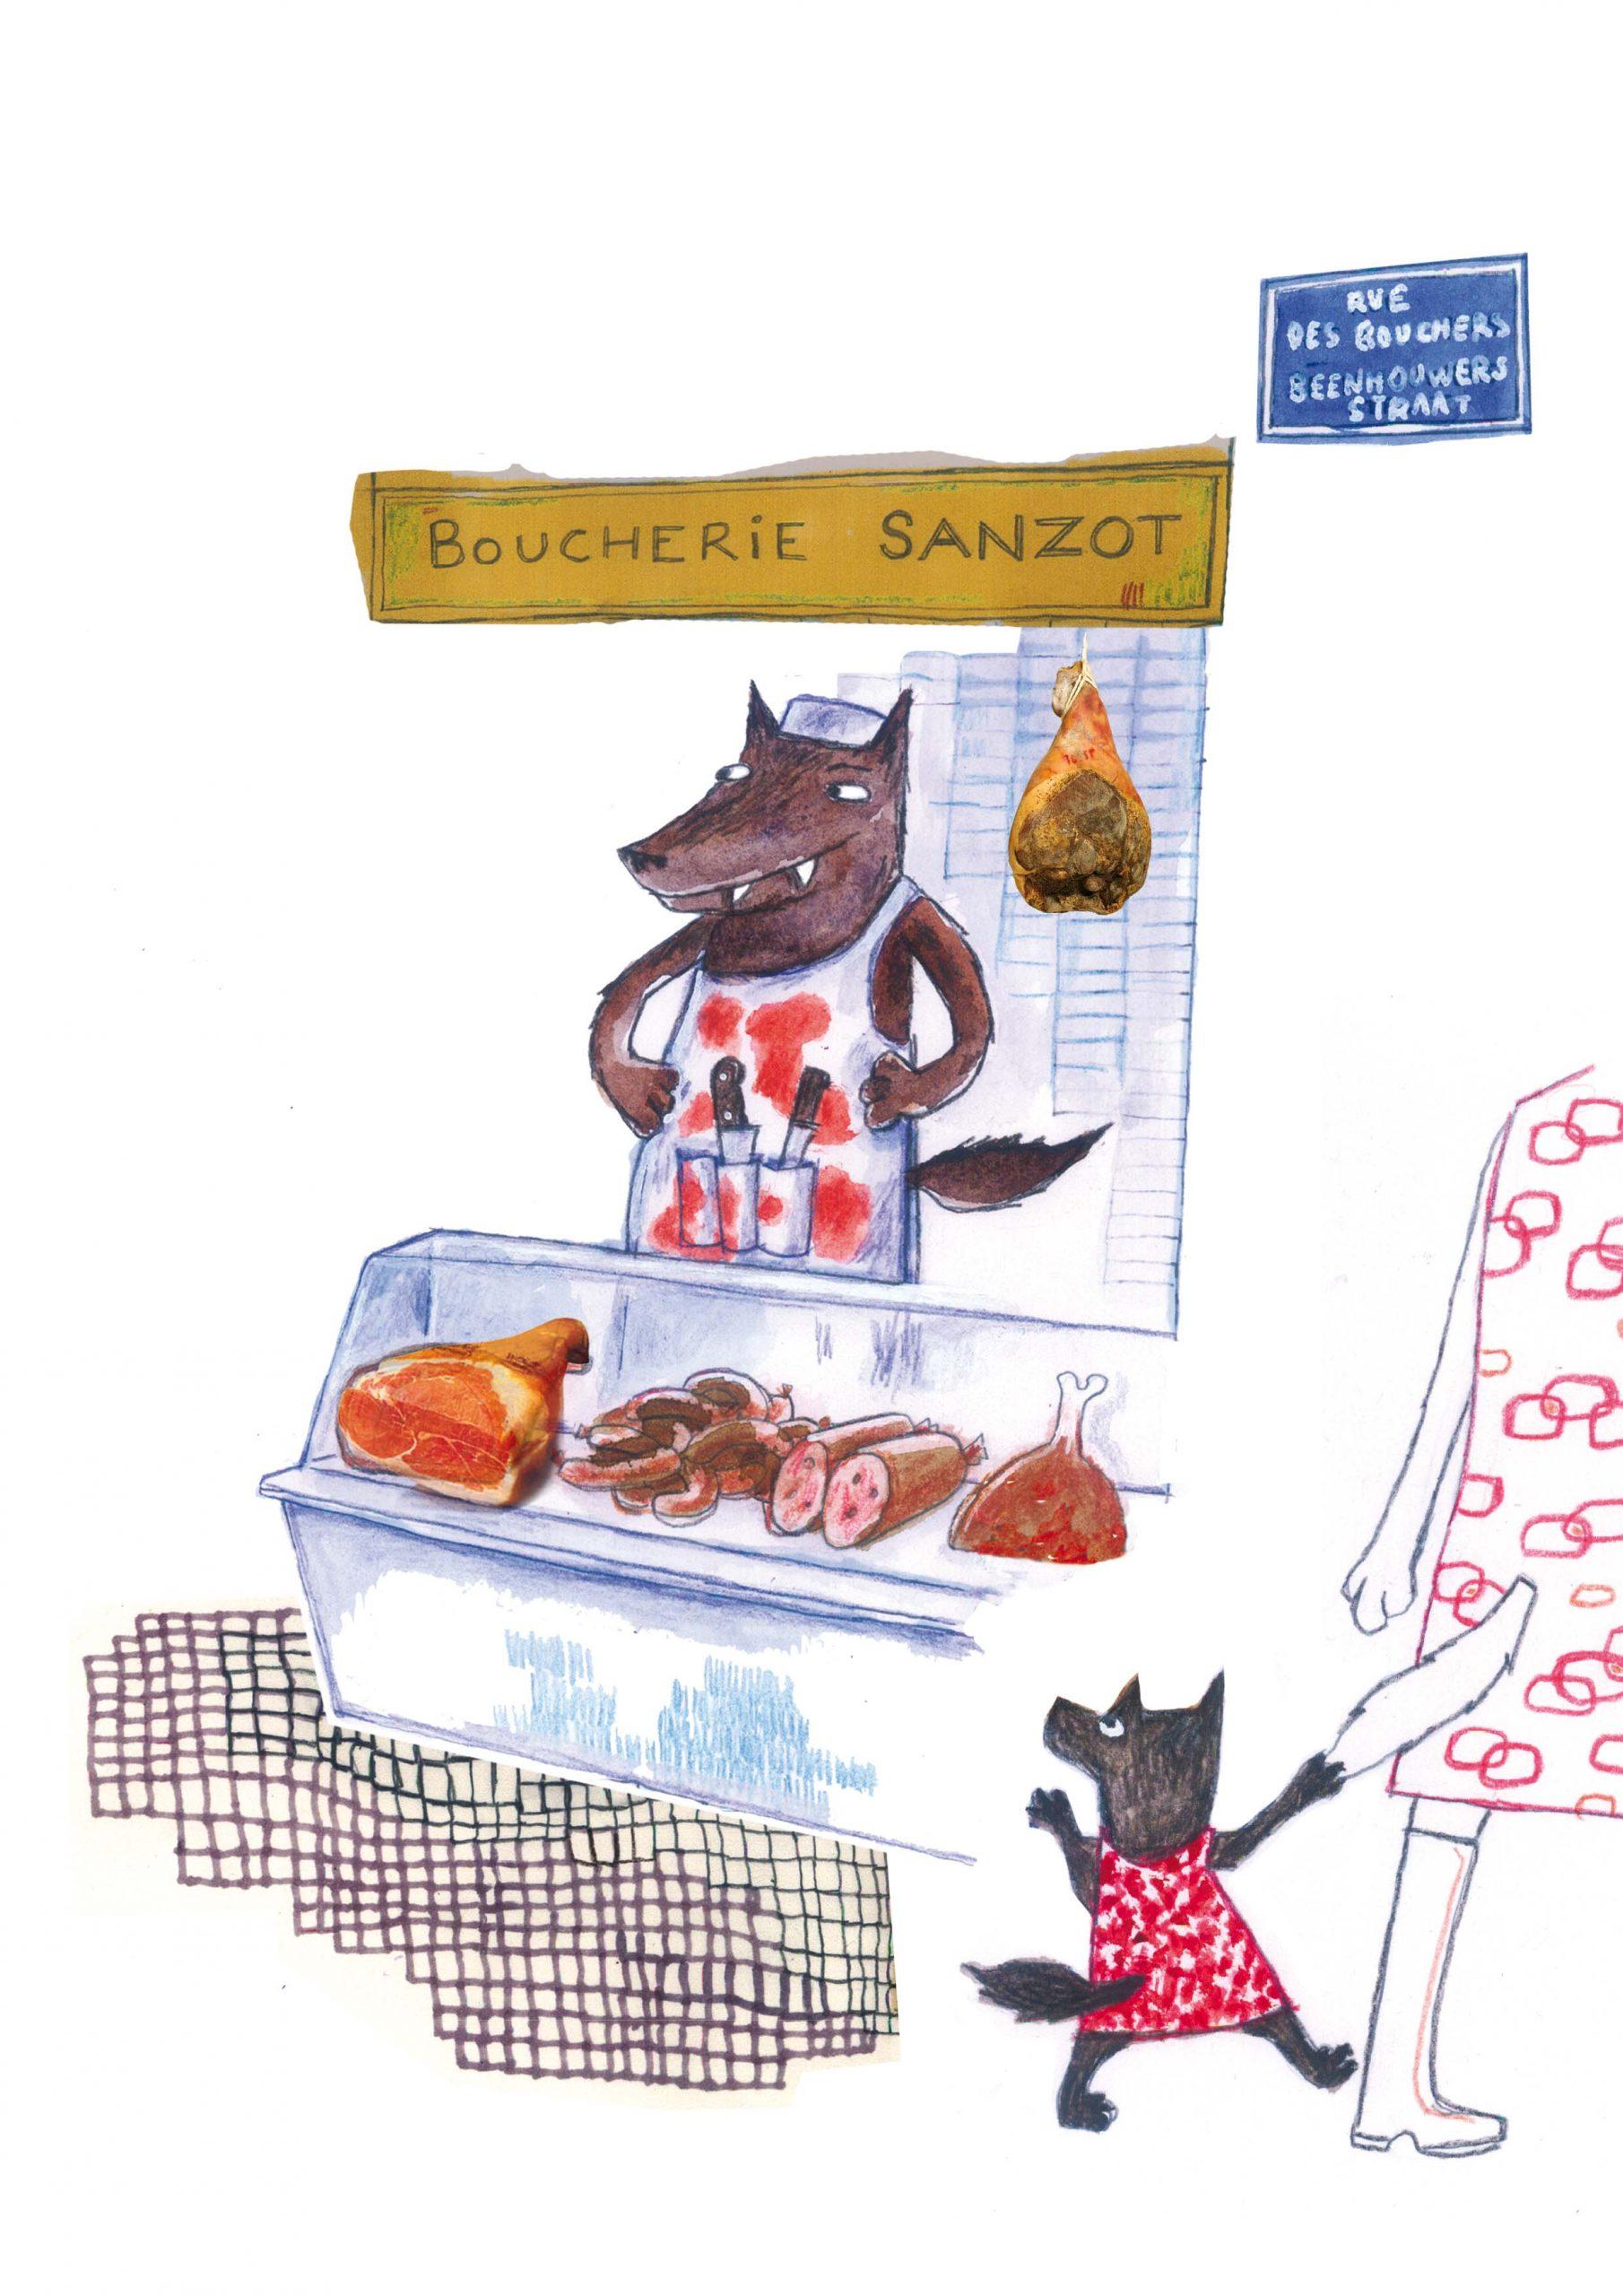 Rue des bouchers - Les loups dans Bruxelles (crayons, marqueurs, collage) 2012